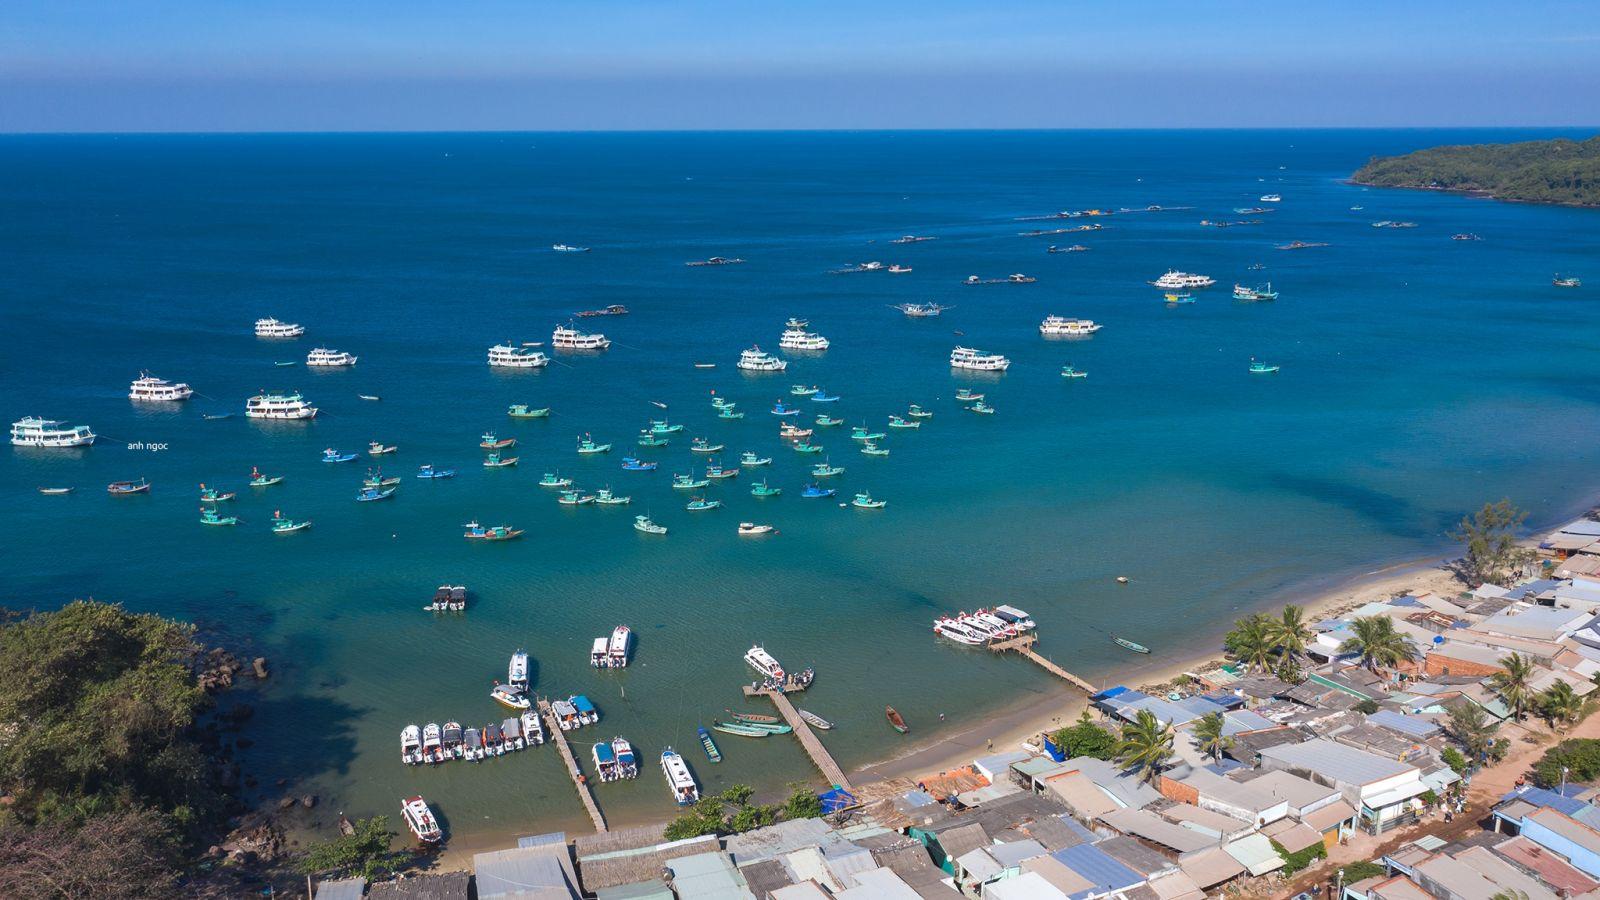 Du lịch Phú Quốc làm nền tảng, tạo cơ sở bền vững, sức bật hỗ trợ cho nhiều điểm, khu du lịch trên địa bàn tỉnh phát triển